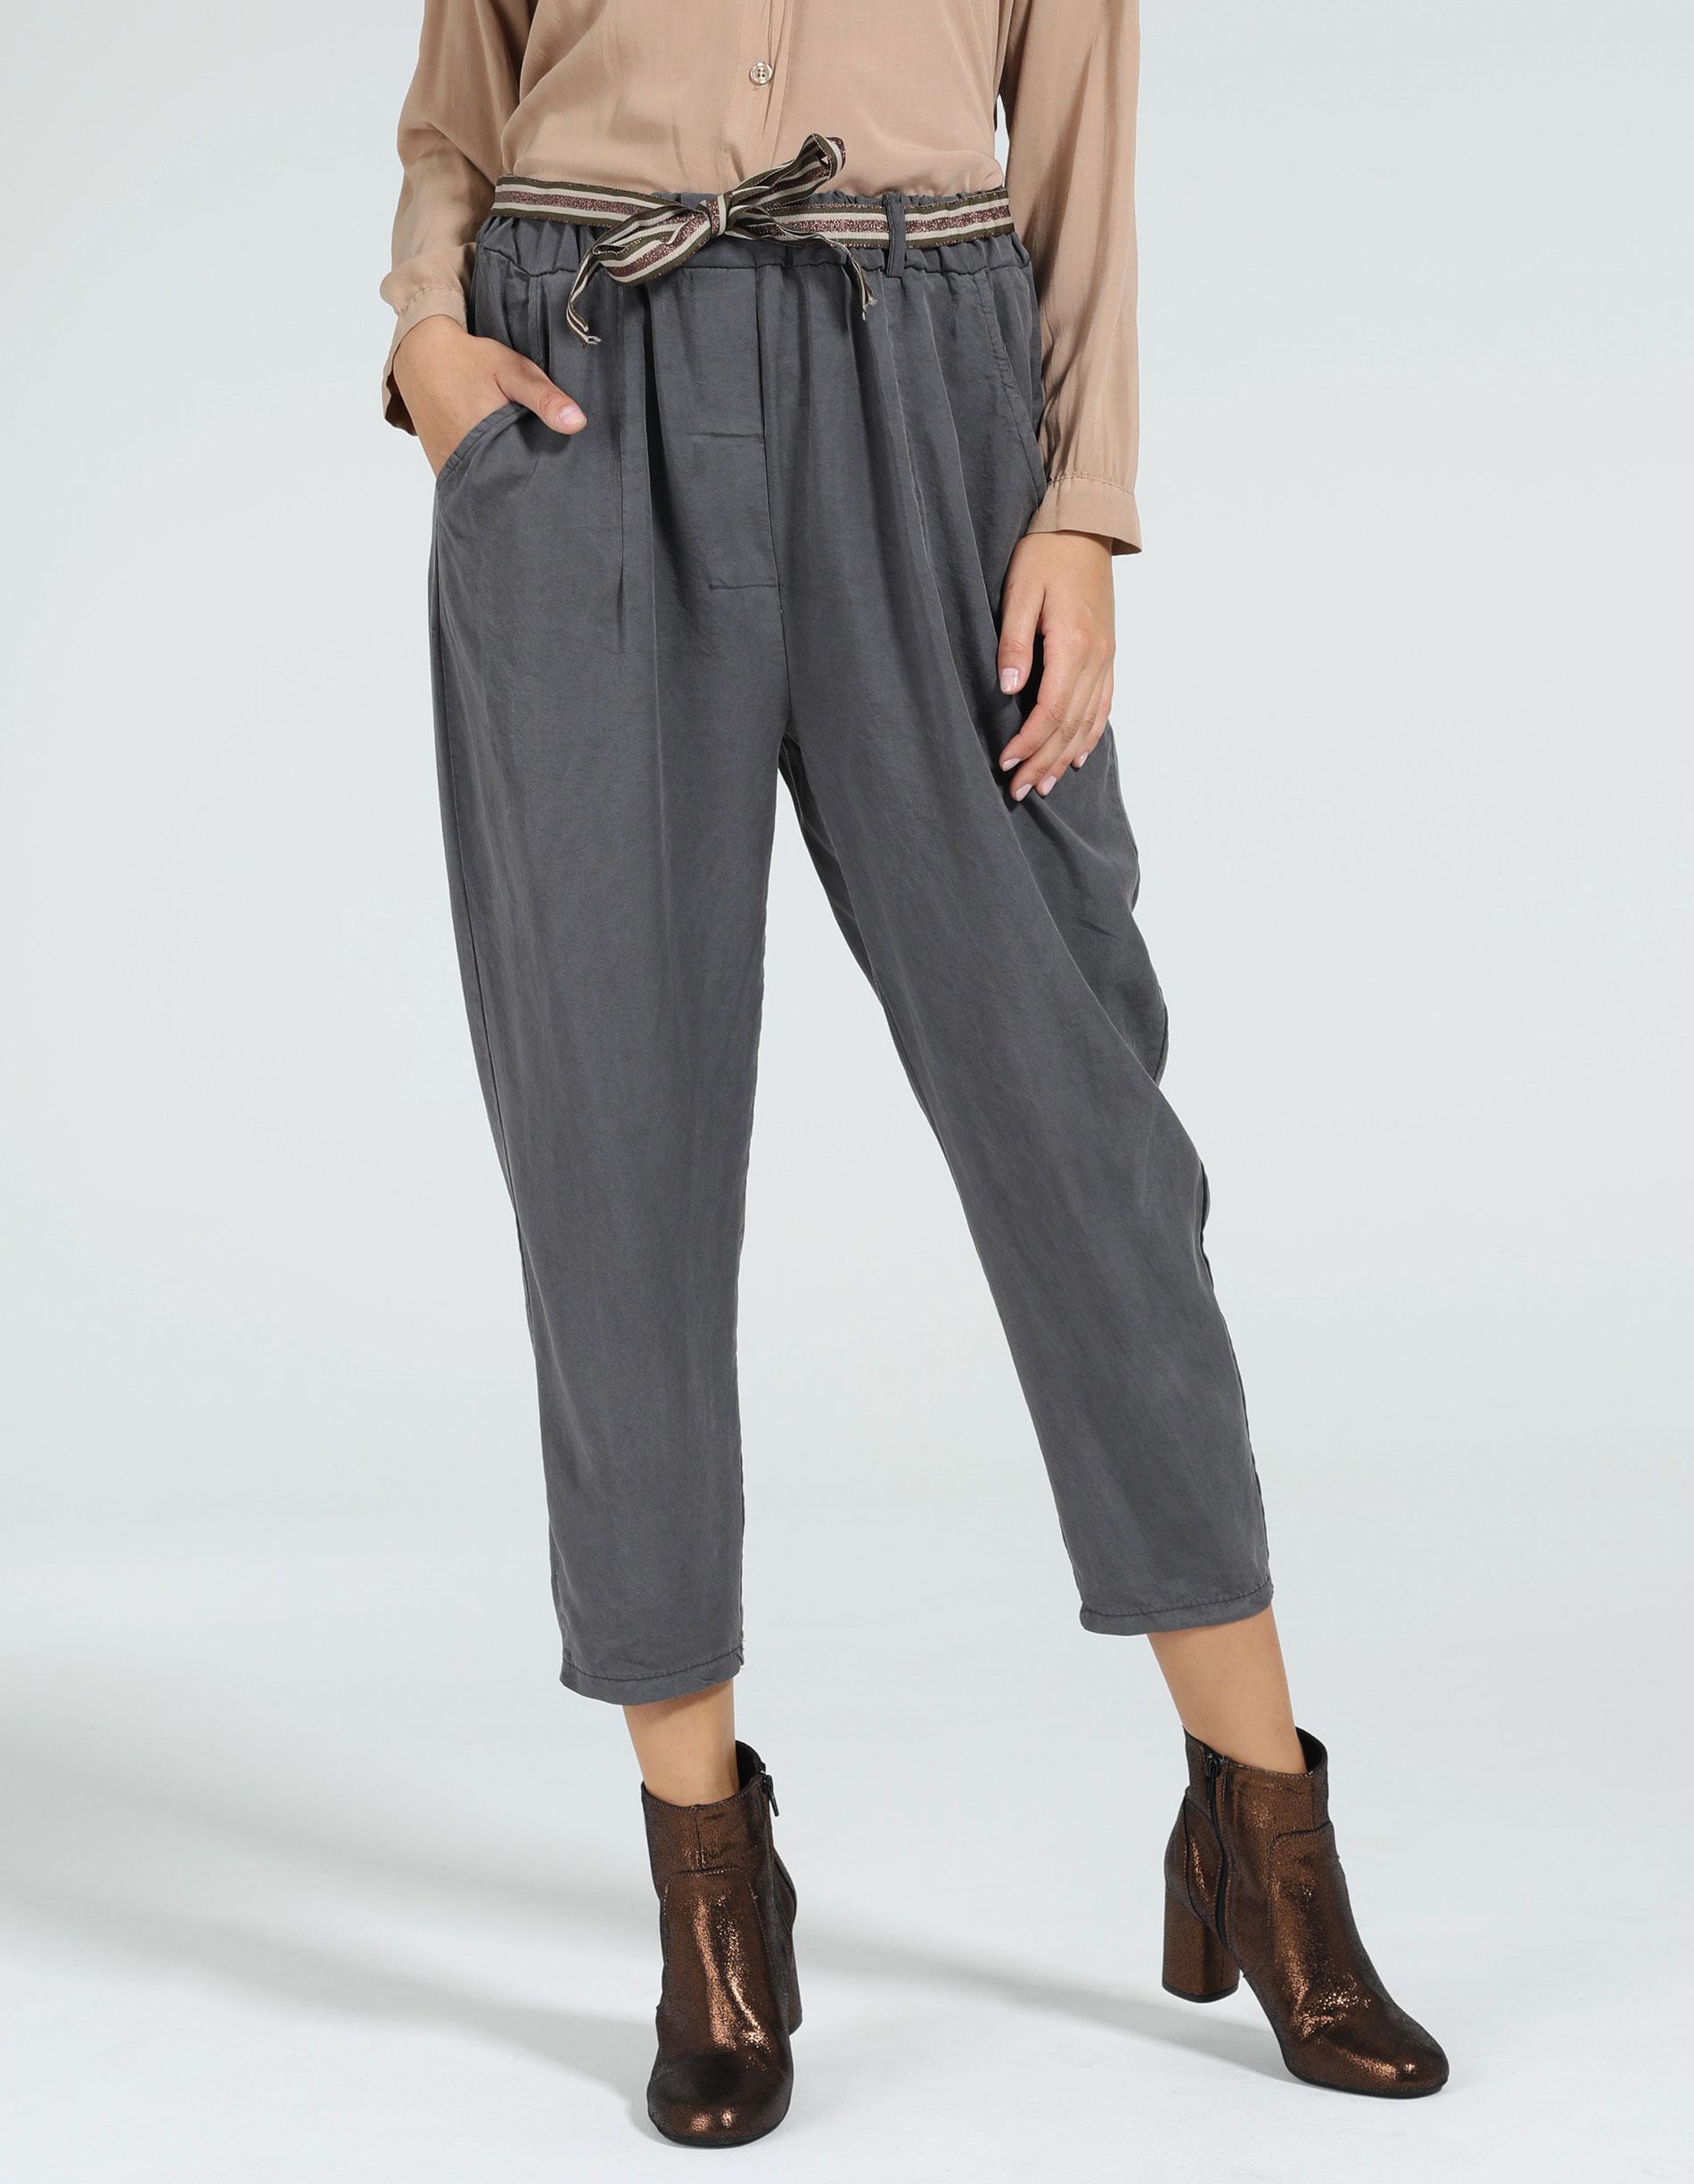 Spodnie - 31-7232T GRSC - Unisono